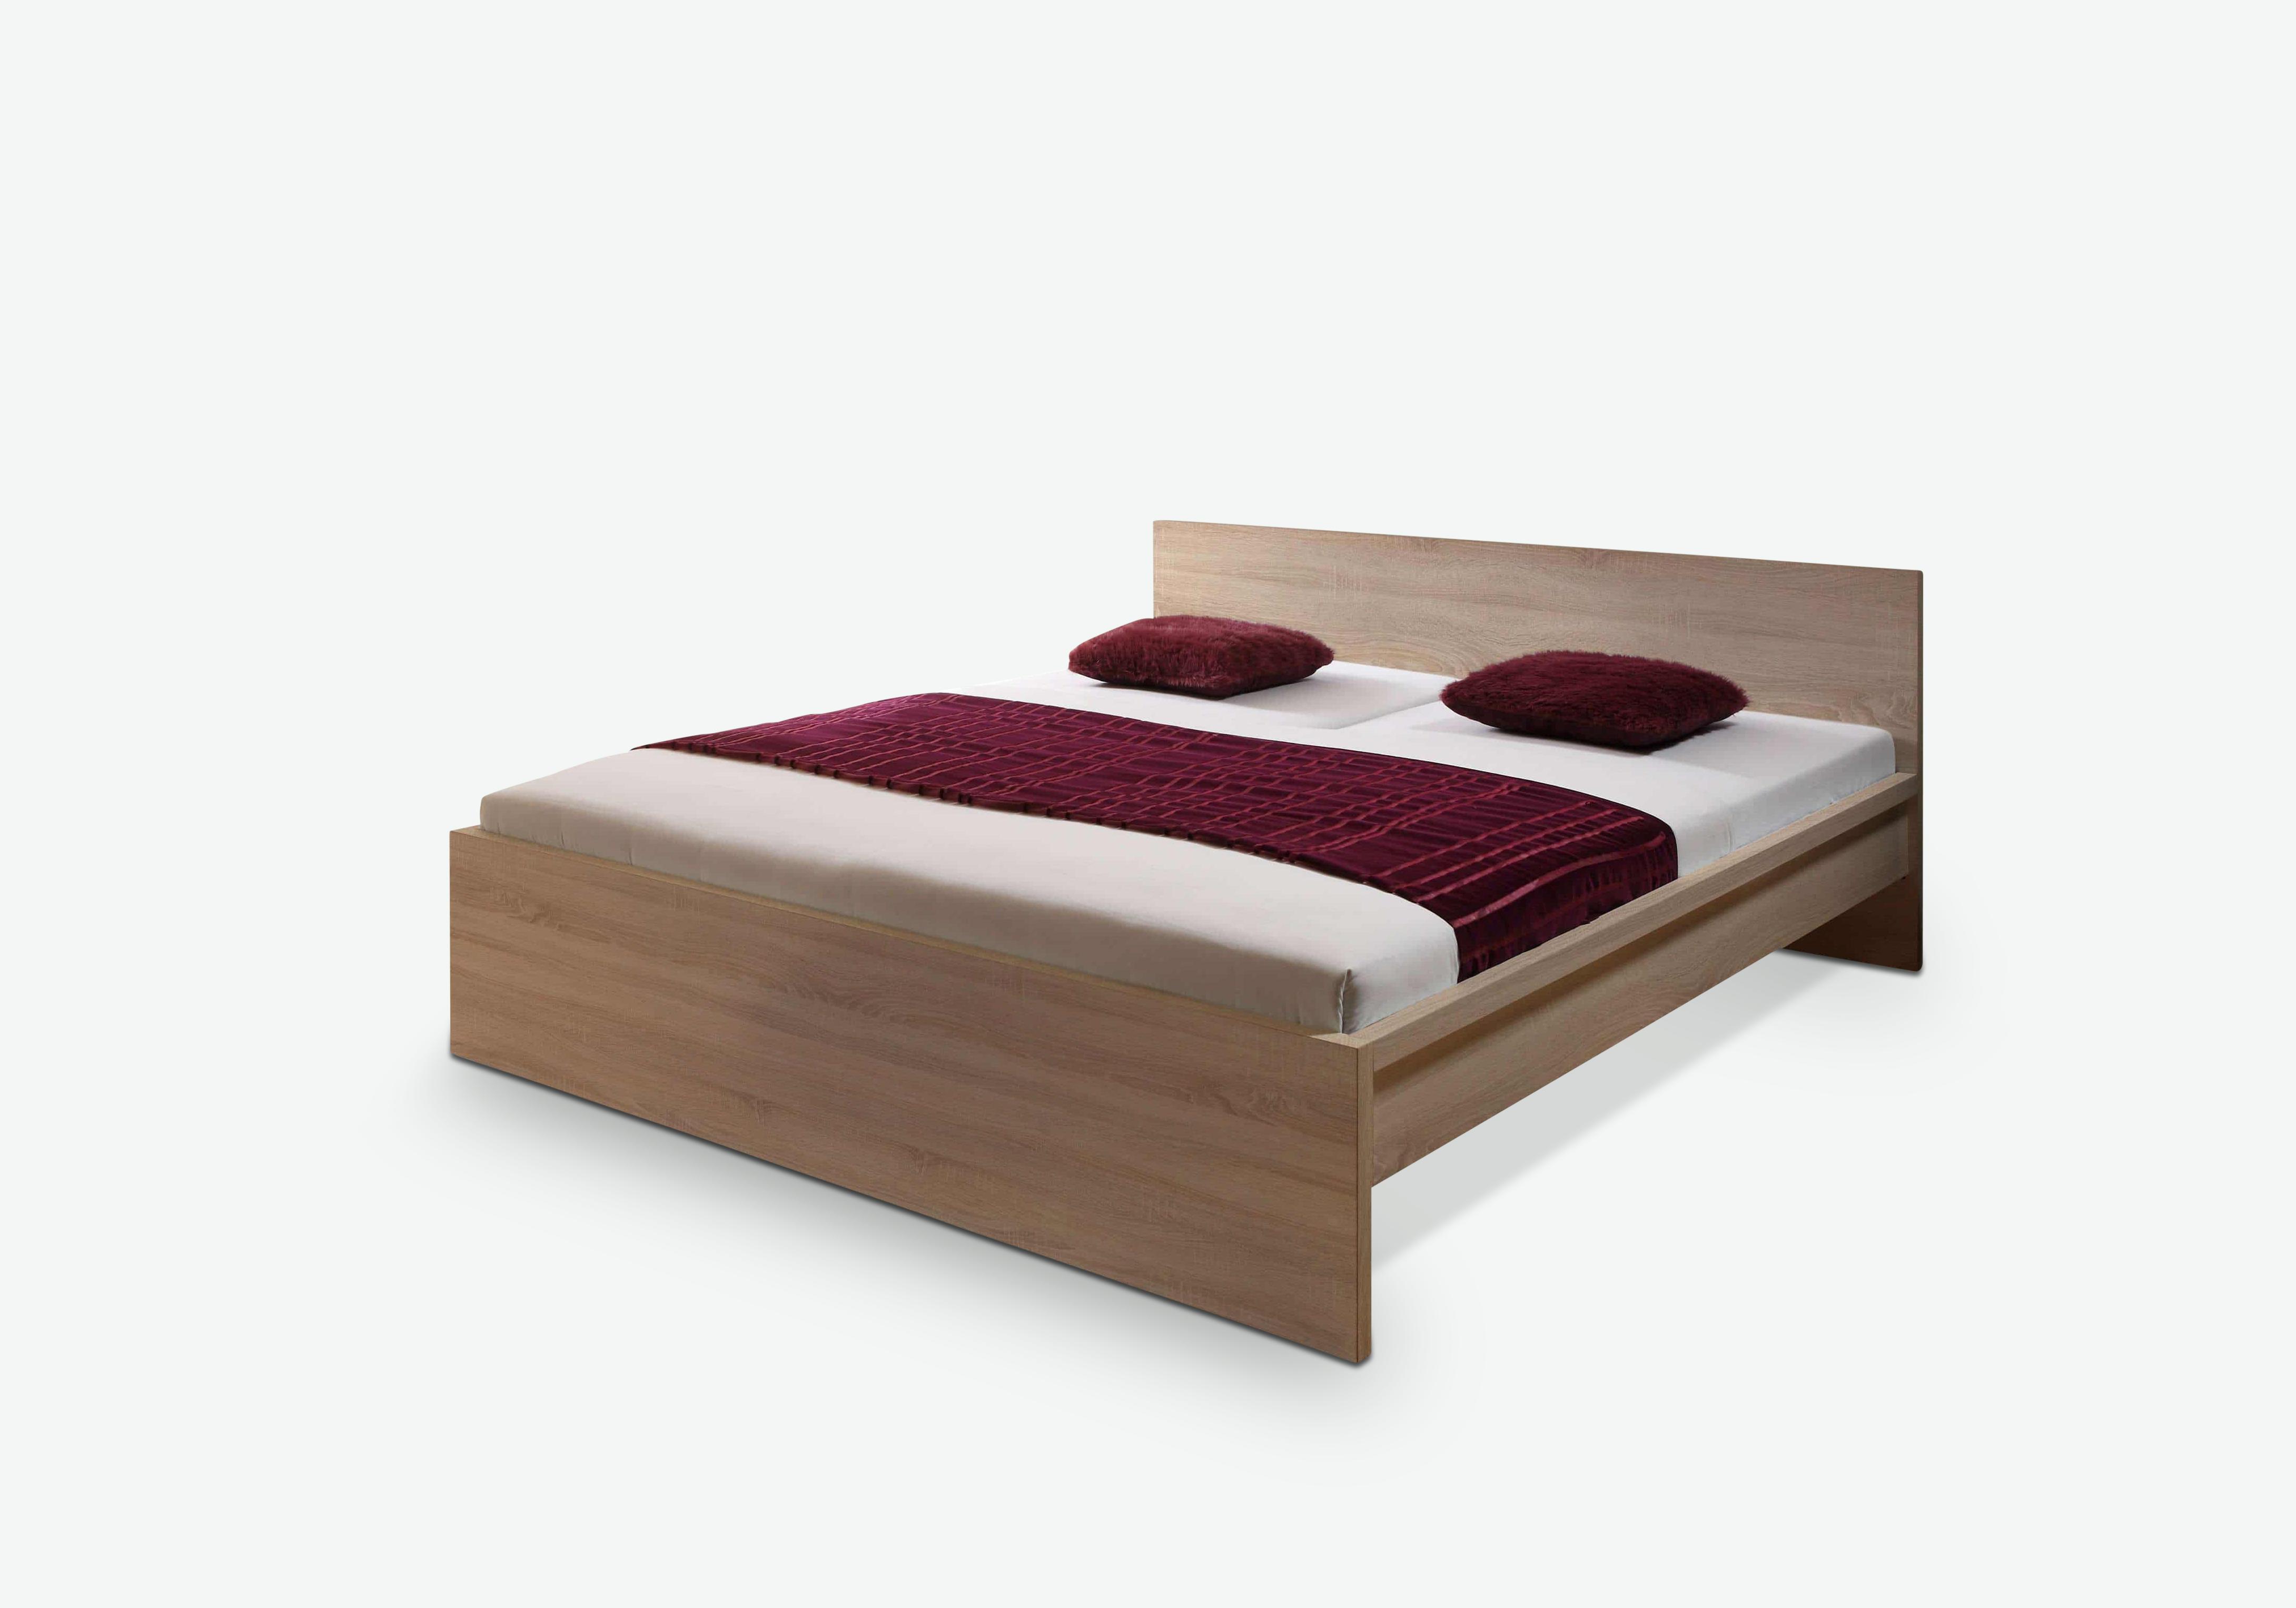 Doppel-und Französische Betten - Avantishop